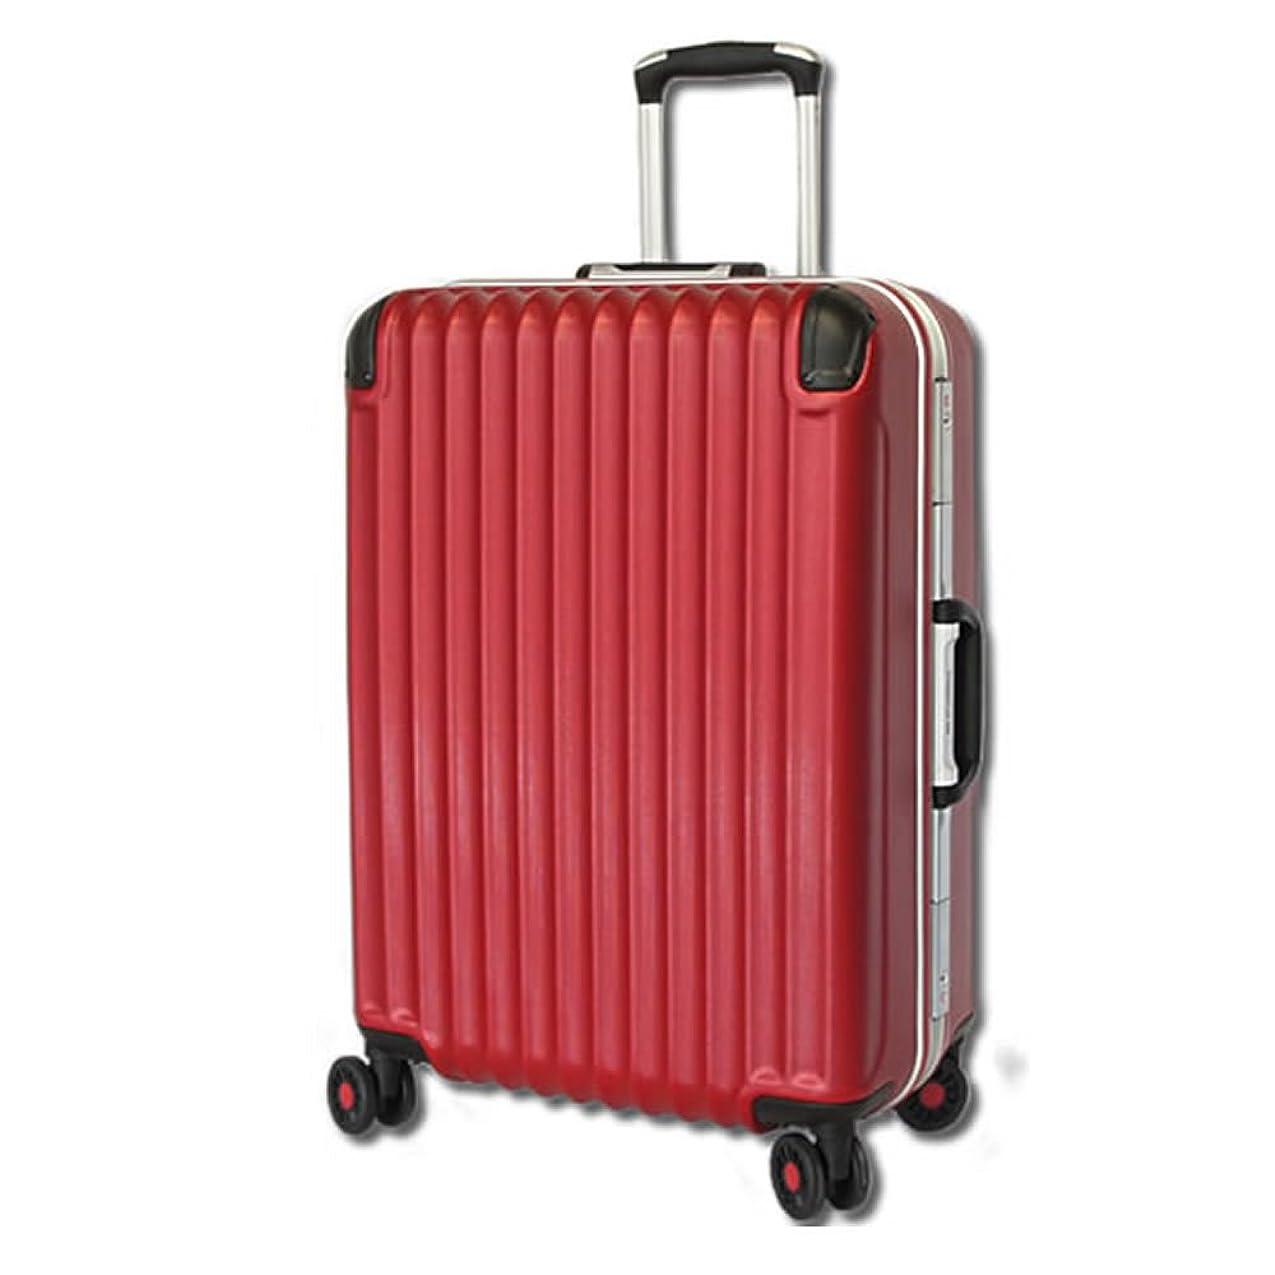 ラフコンパスクラシック[BB-Monsters ビービーモンスターズ] スーツケース 大型 中型 小型 TSAロック搭載 旅行かばん キャリーバッグ 深溝式フレーム Amphisbaena (大型LMサイズ, レッド)